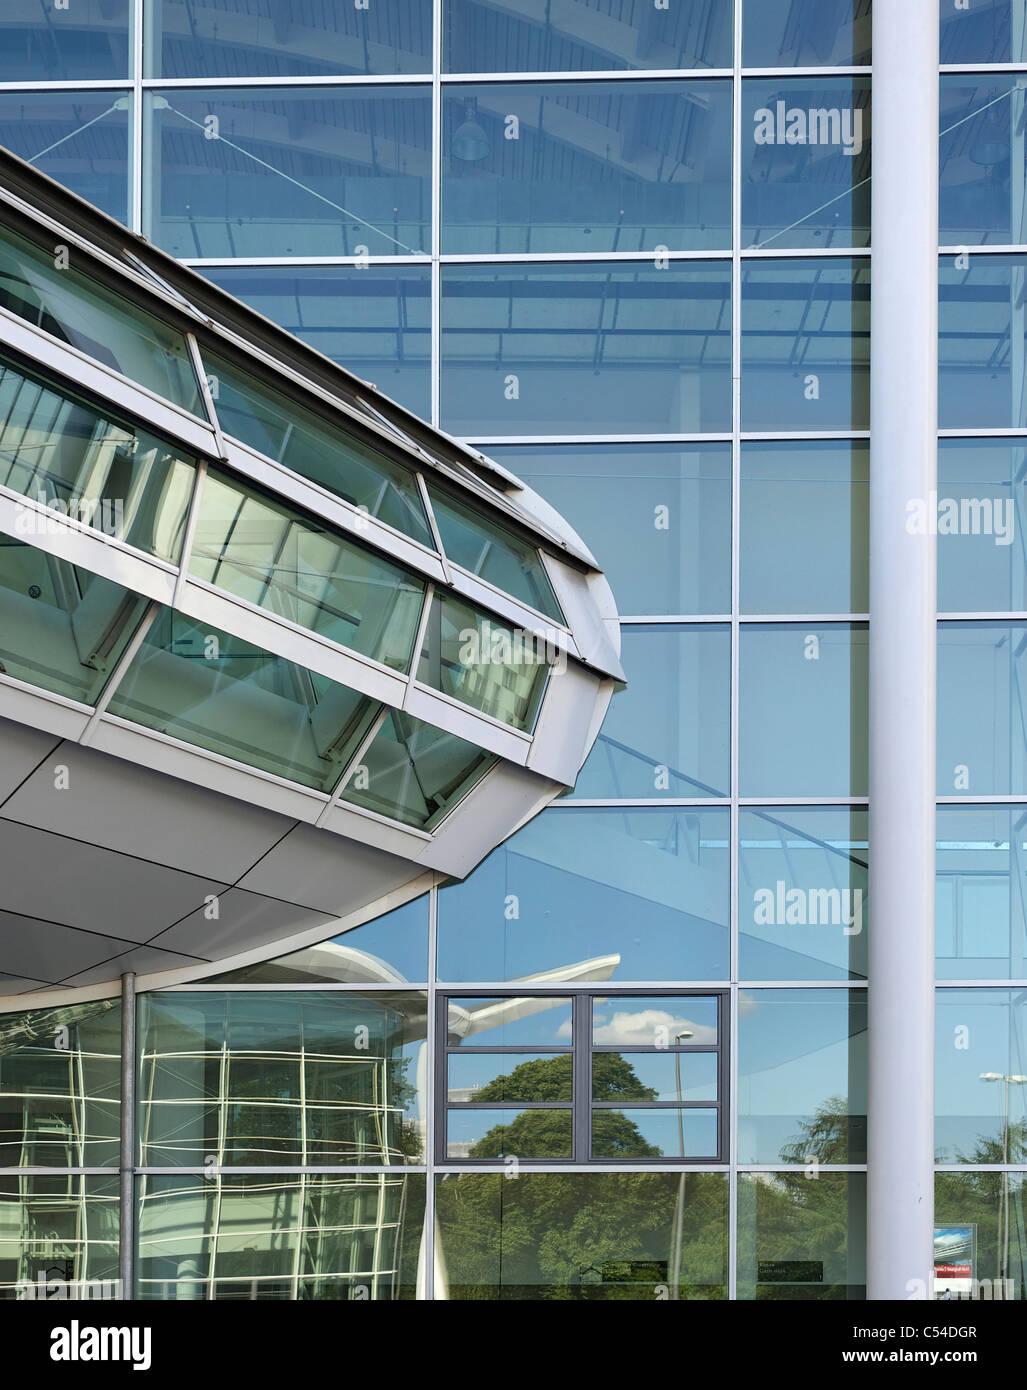 Neue Messe Ausstellungshallen, moderne Architektur, Hansestadt Stadt Hamburg, Deutschland, Europa Stockfoto